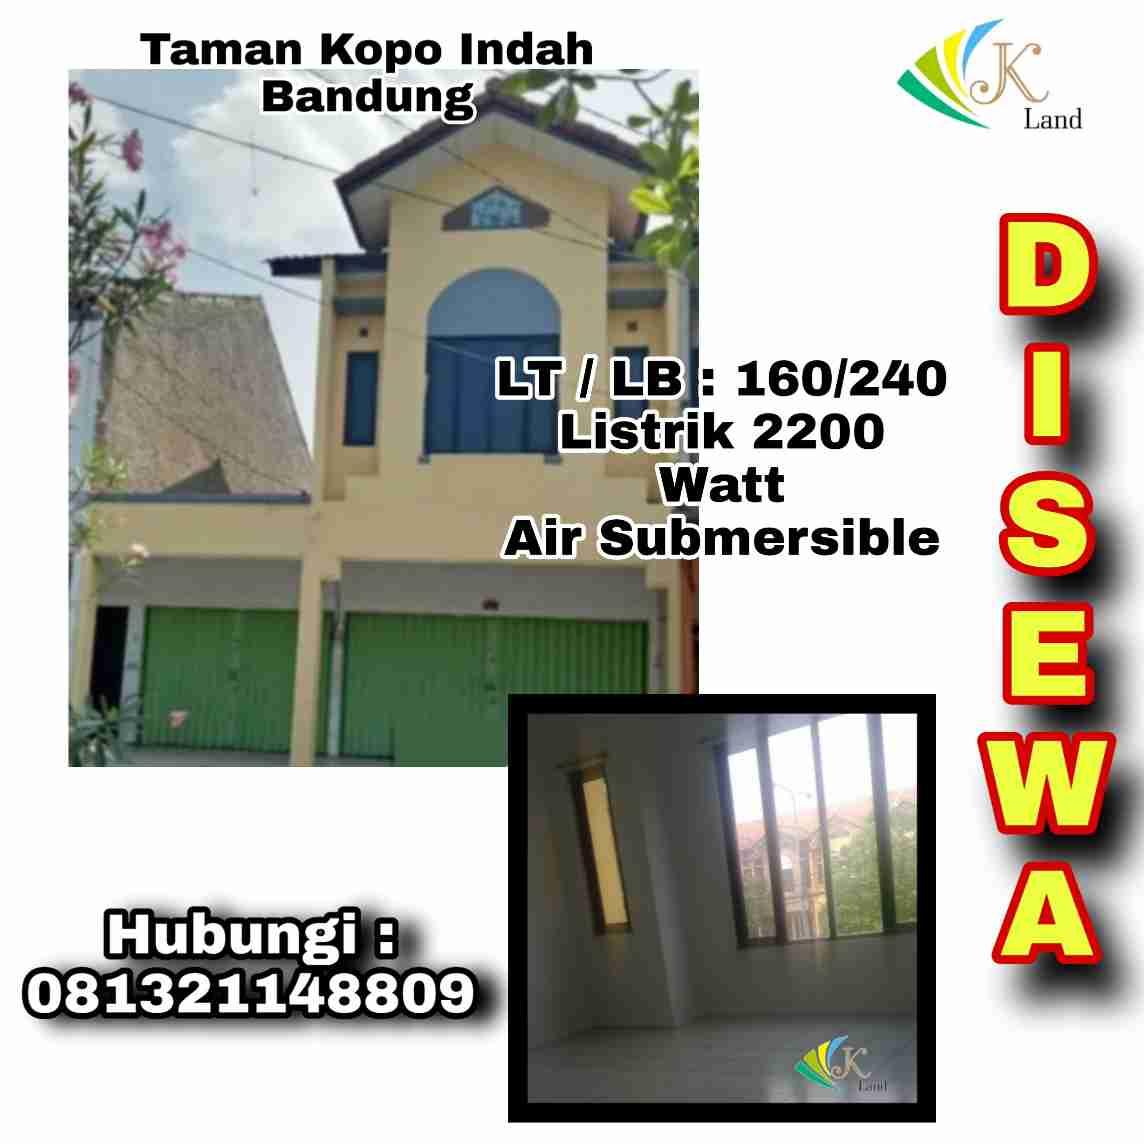 Ruko Di Taman Kopo Indah 3 Bandung